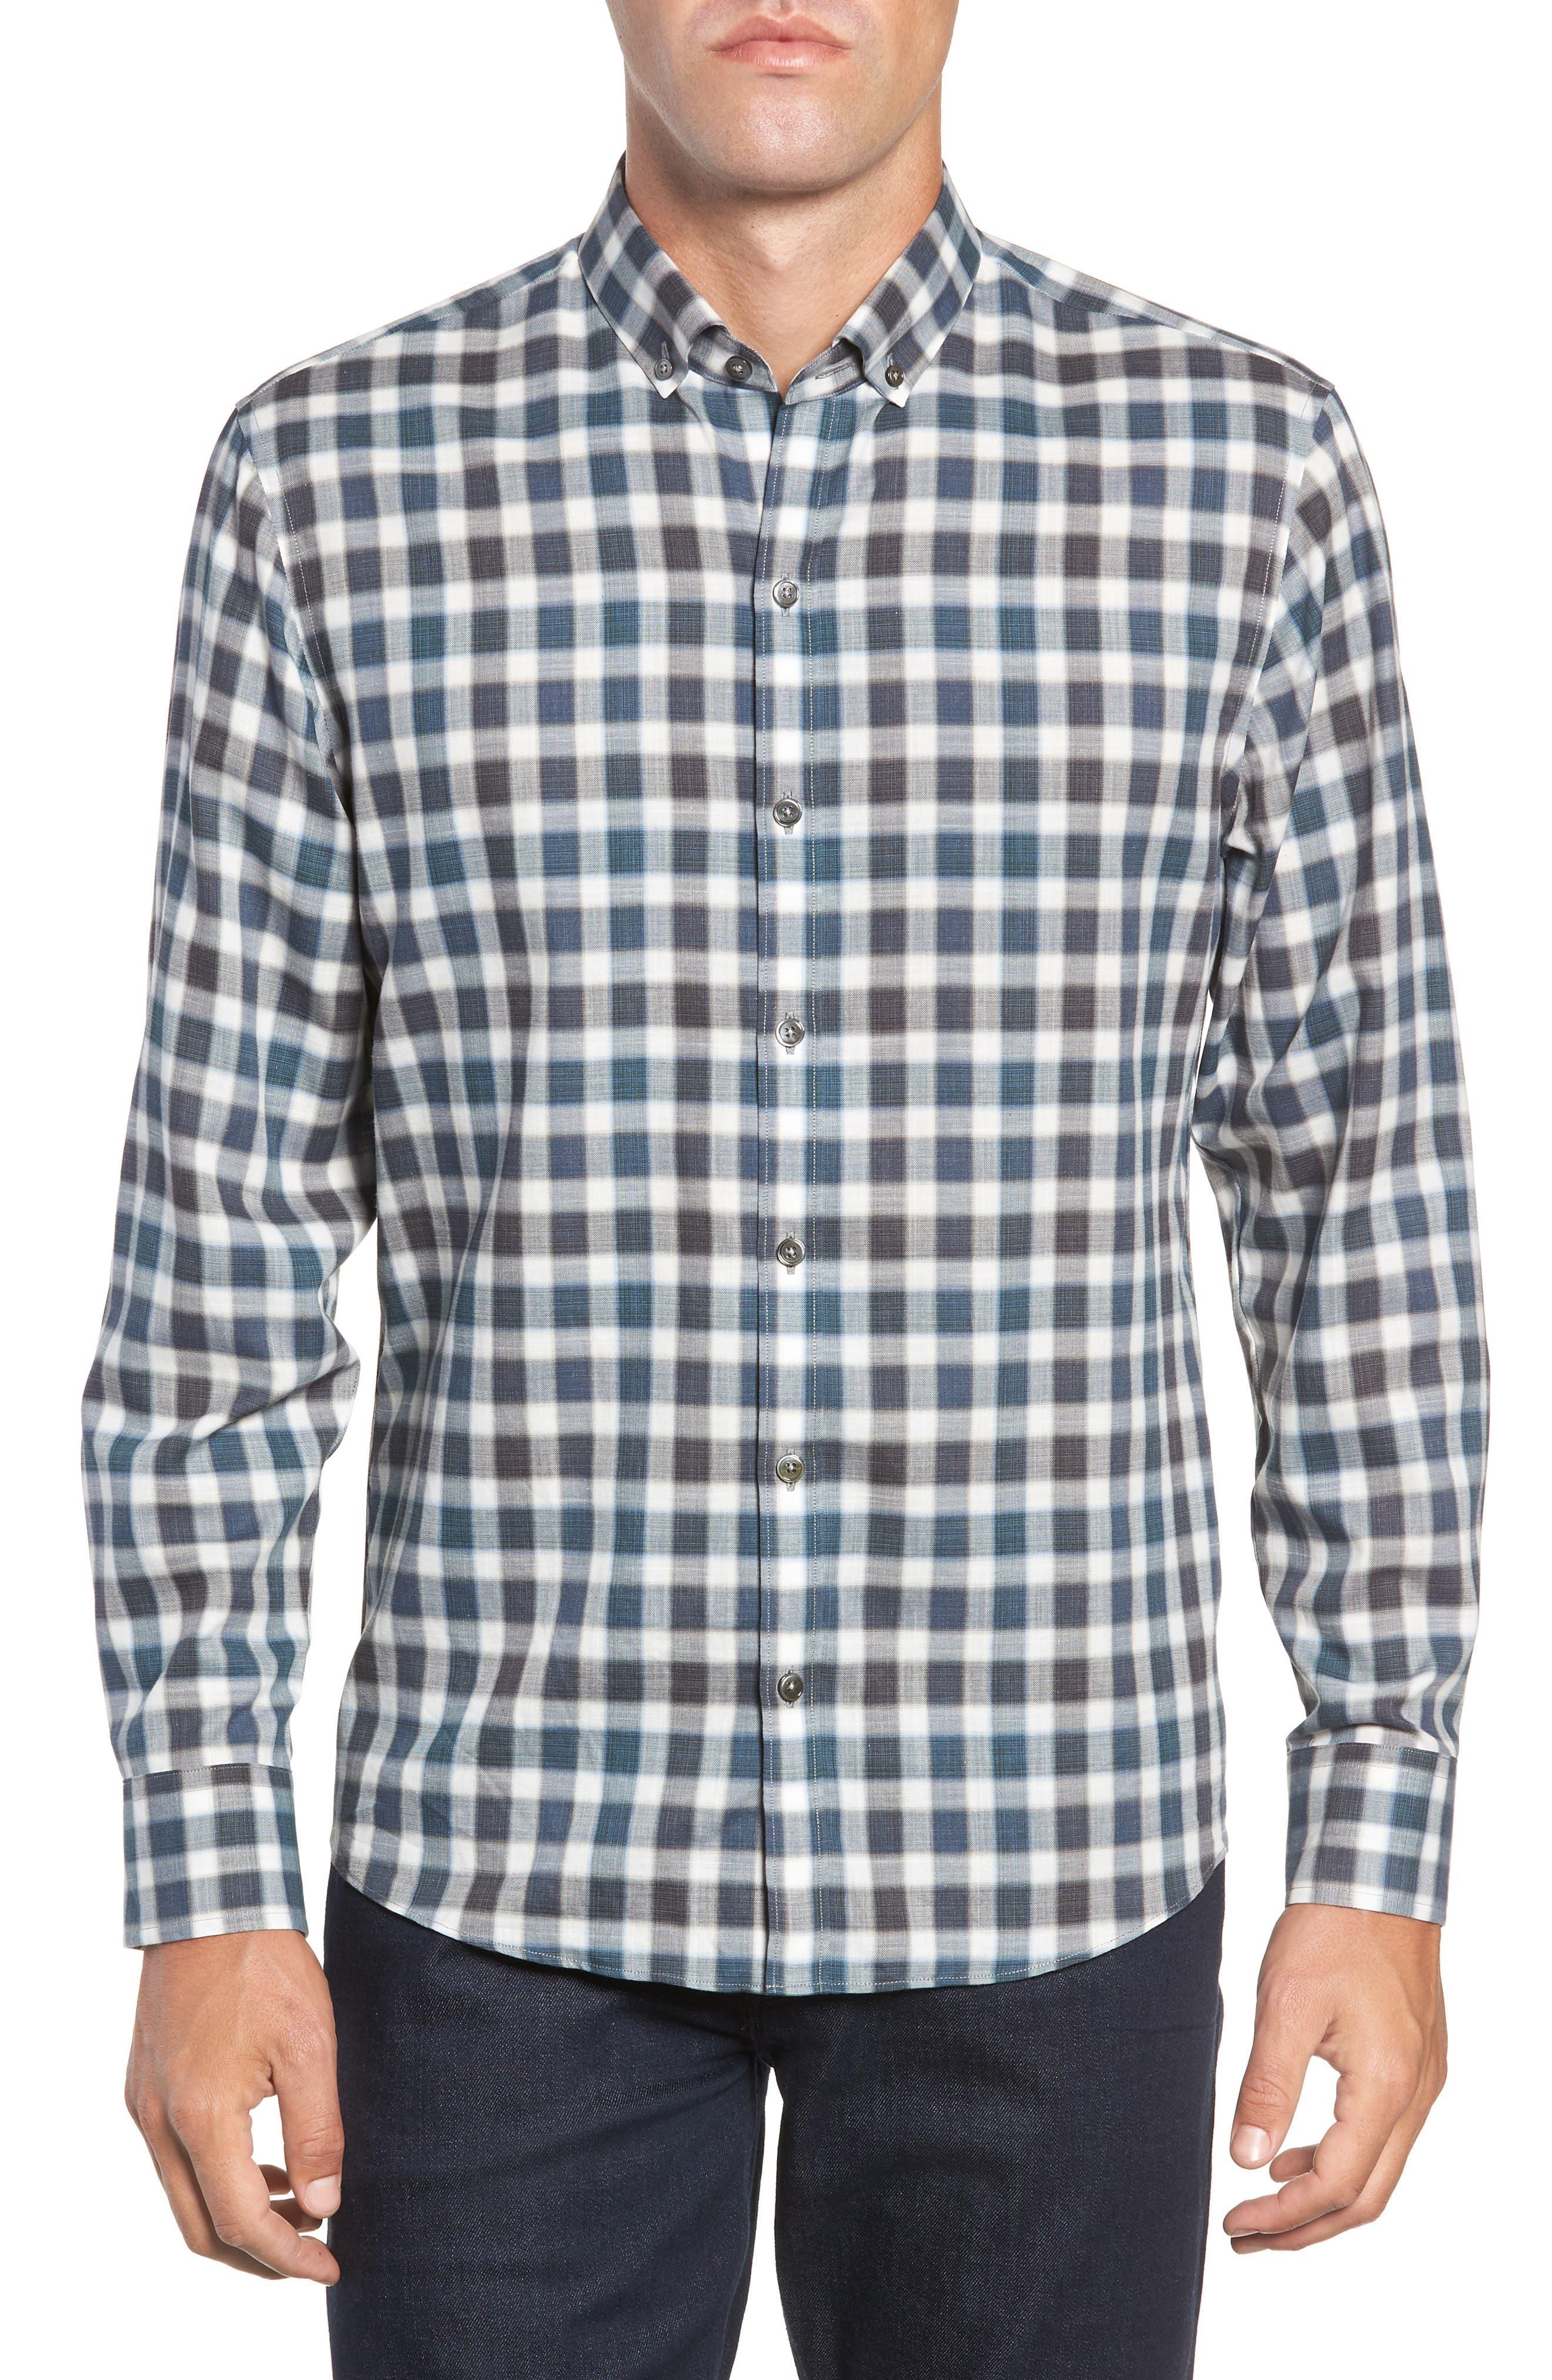 Buffa Plaid Flannel Sport Shirt,                             Main thumbnail 1, color,                             DARK TEAL